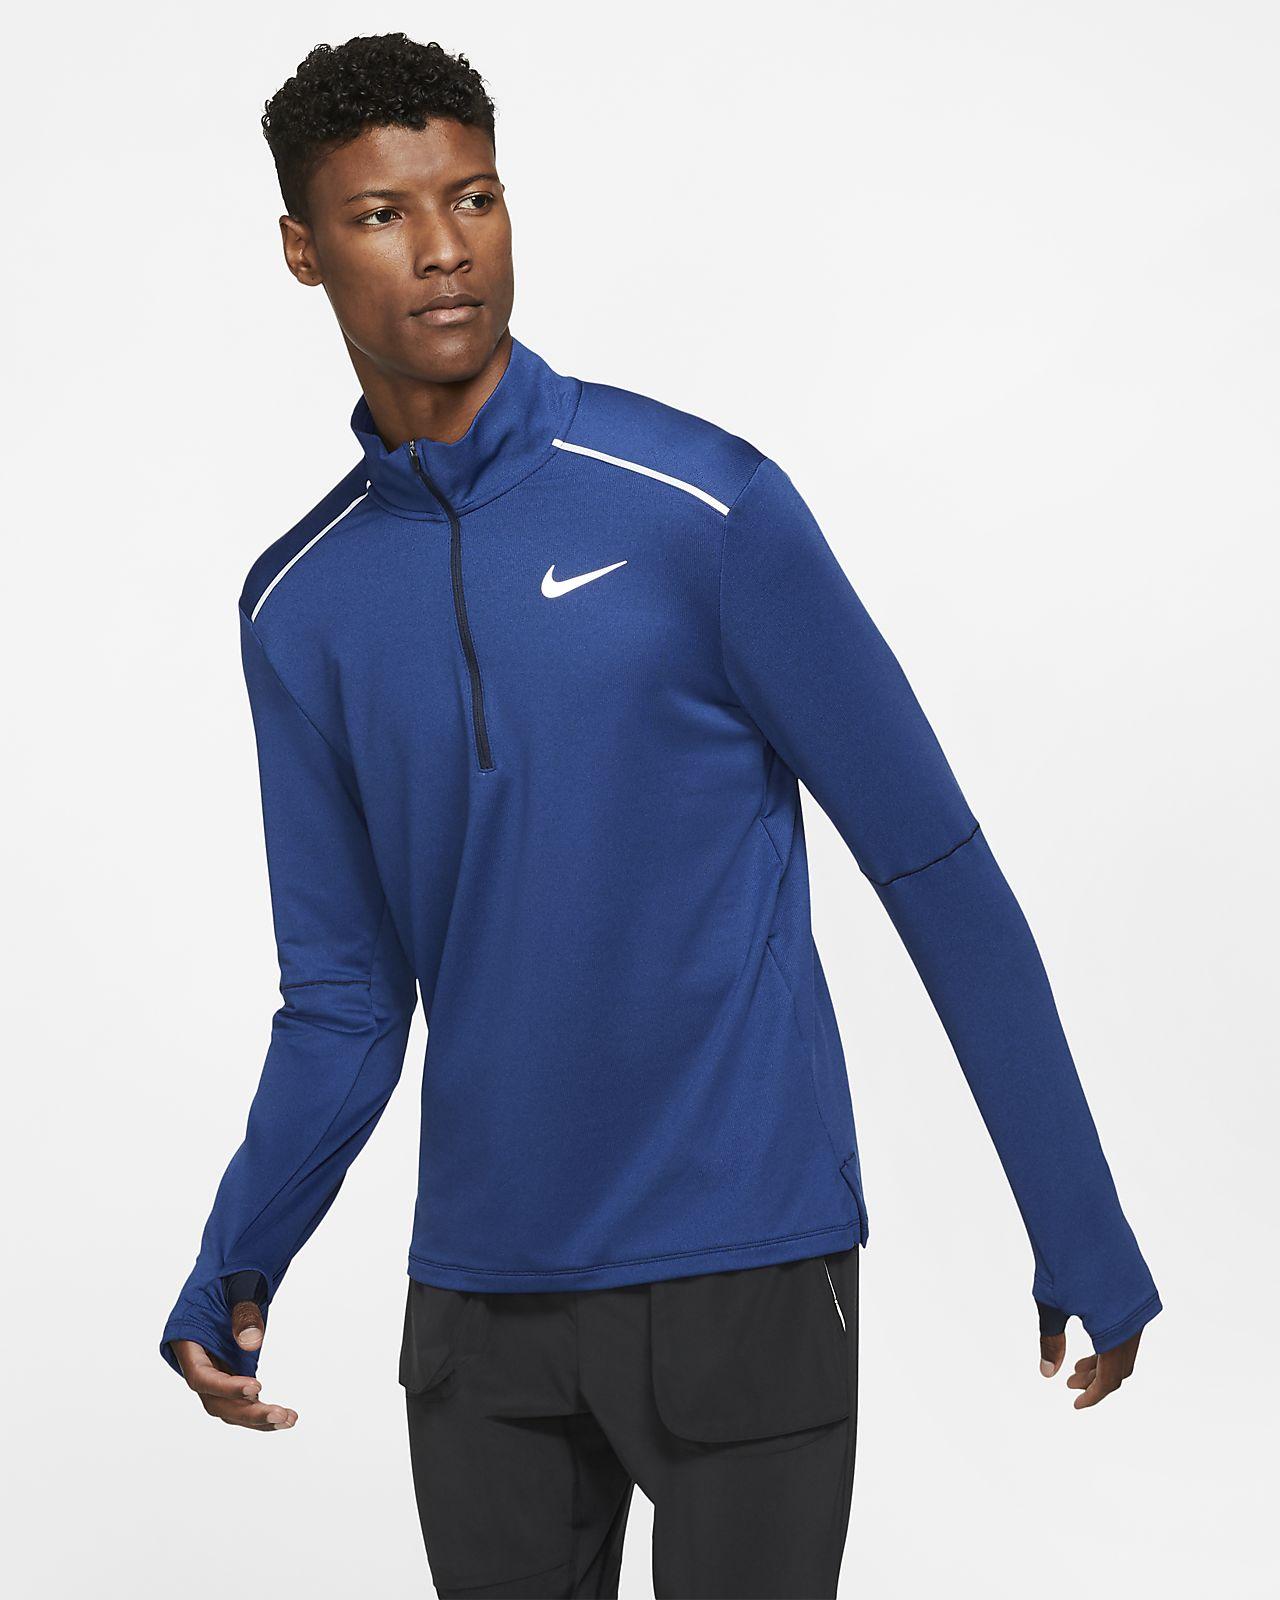 Męska koszulka do biegania z zamkiem 1/2 Nike 3.0